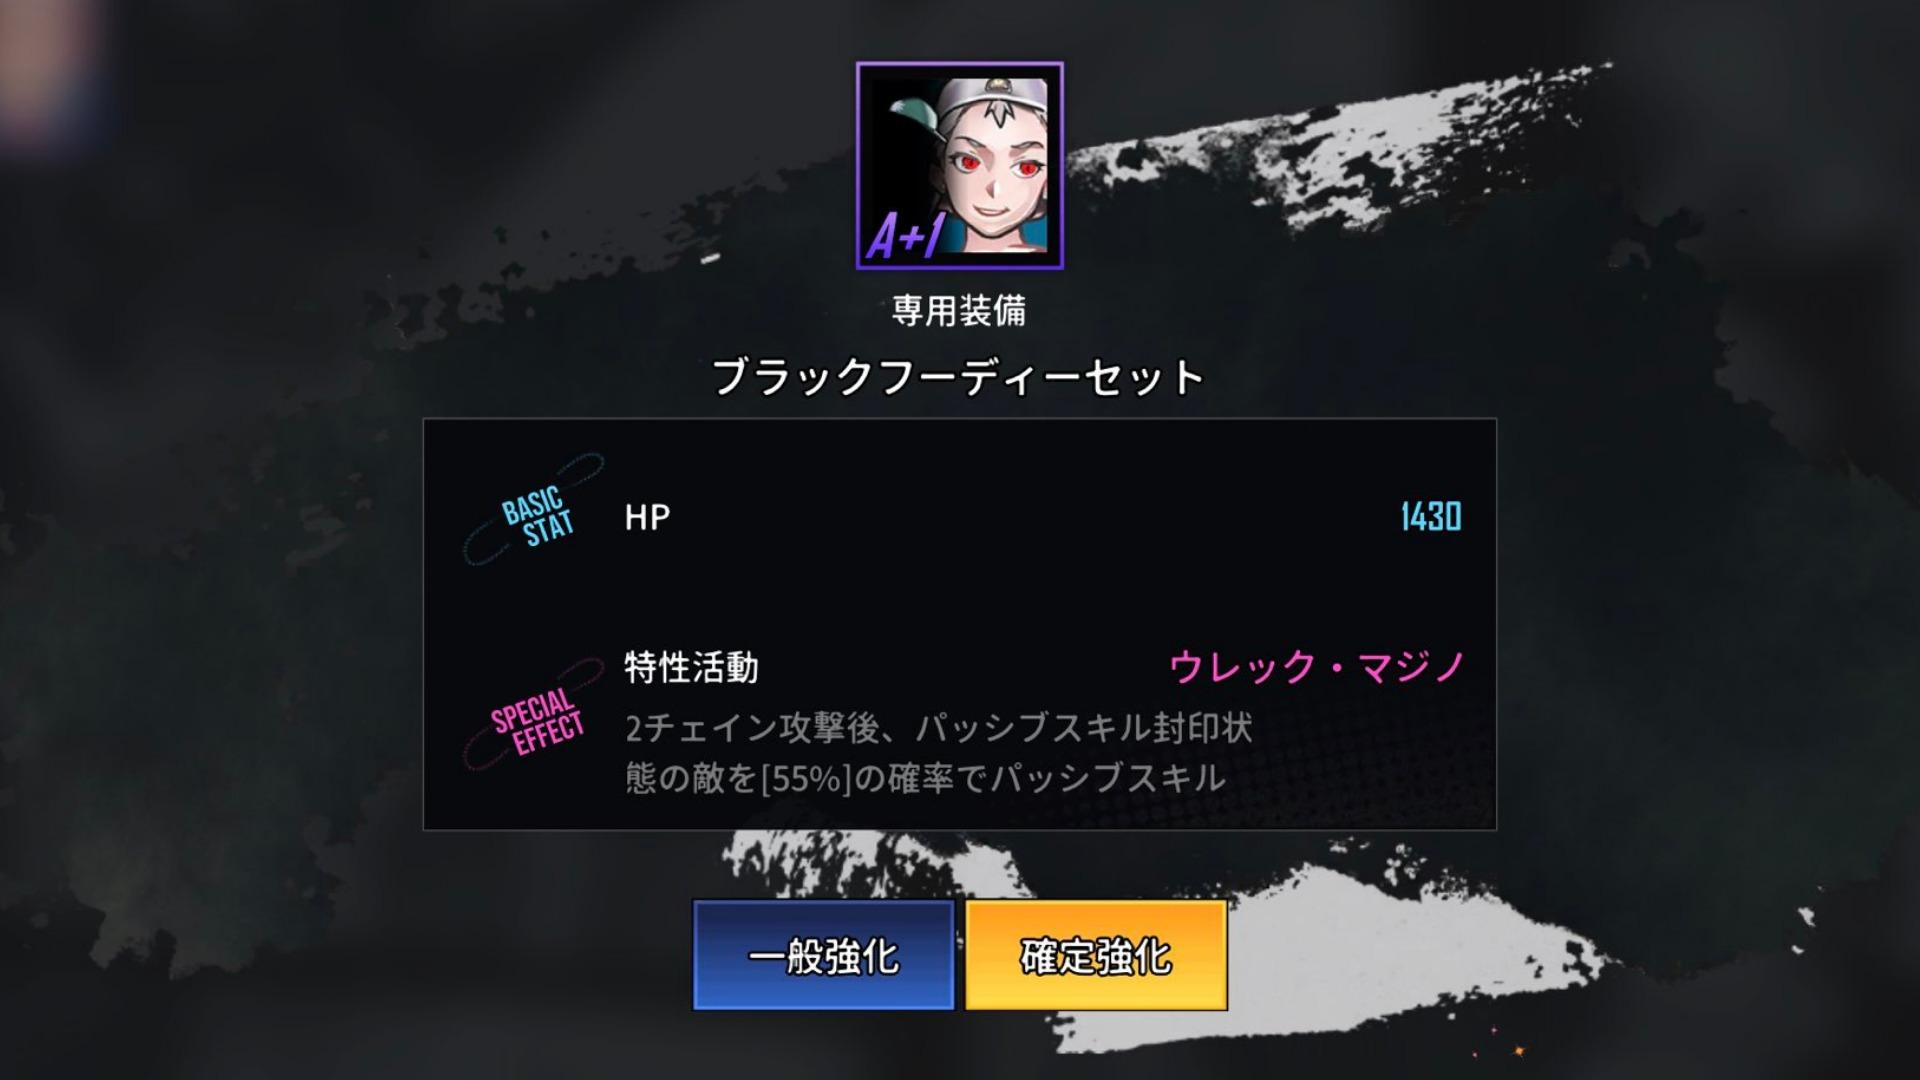 【ヒロカン】ウレック・マジノの評価!!おすすめ装備とレリック